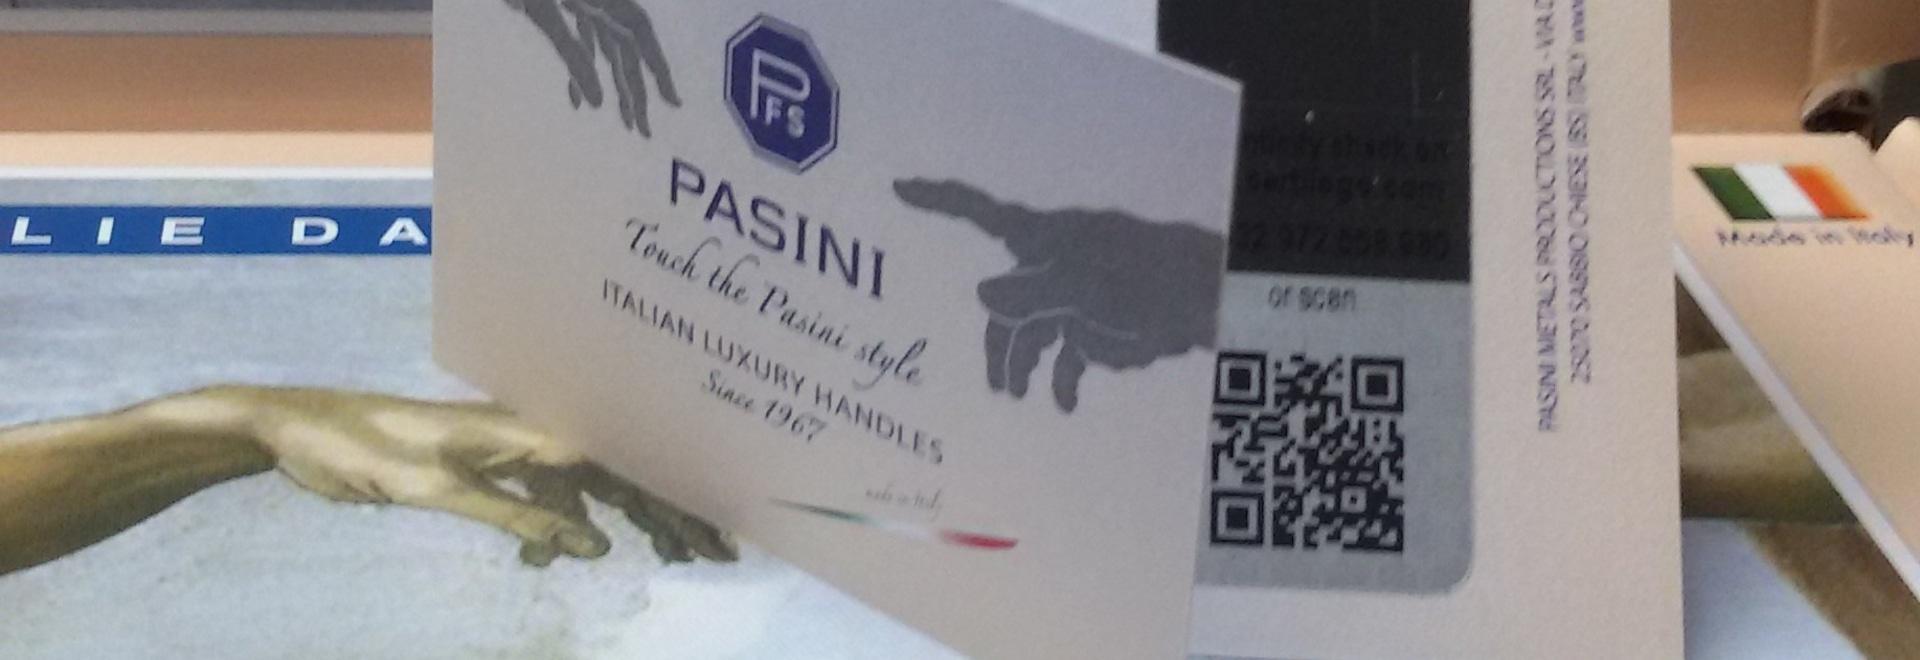 Étiquette d'authenticité de PFS PASINI